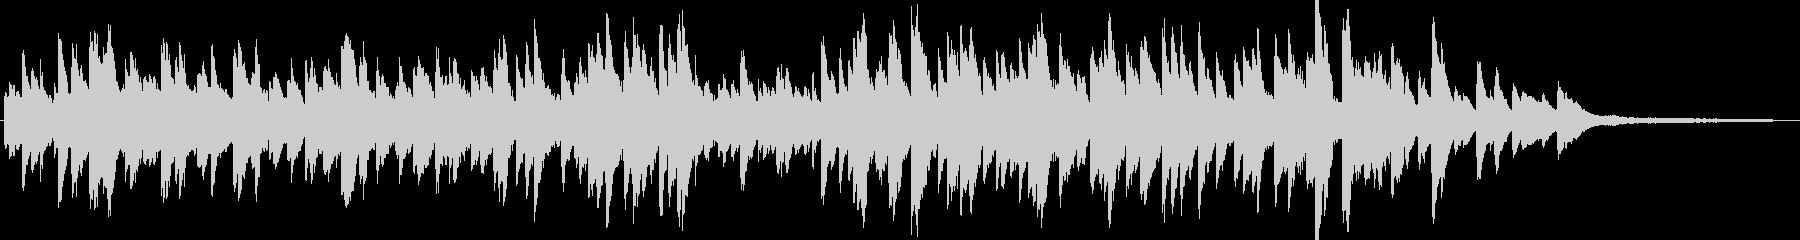 優しい 爽やかな ピアノソロ バラードの未再生の波形